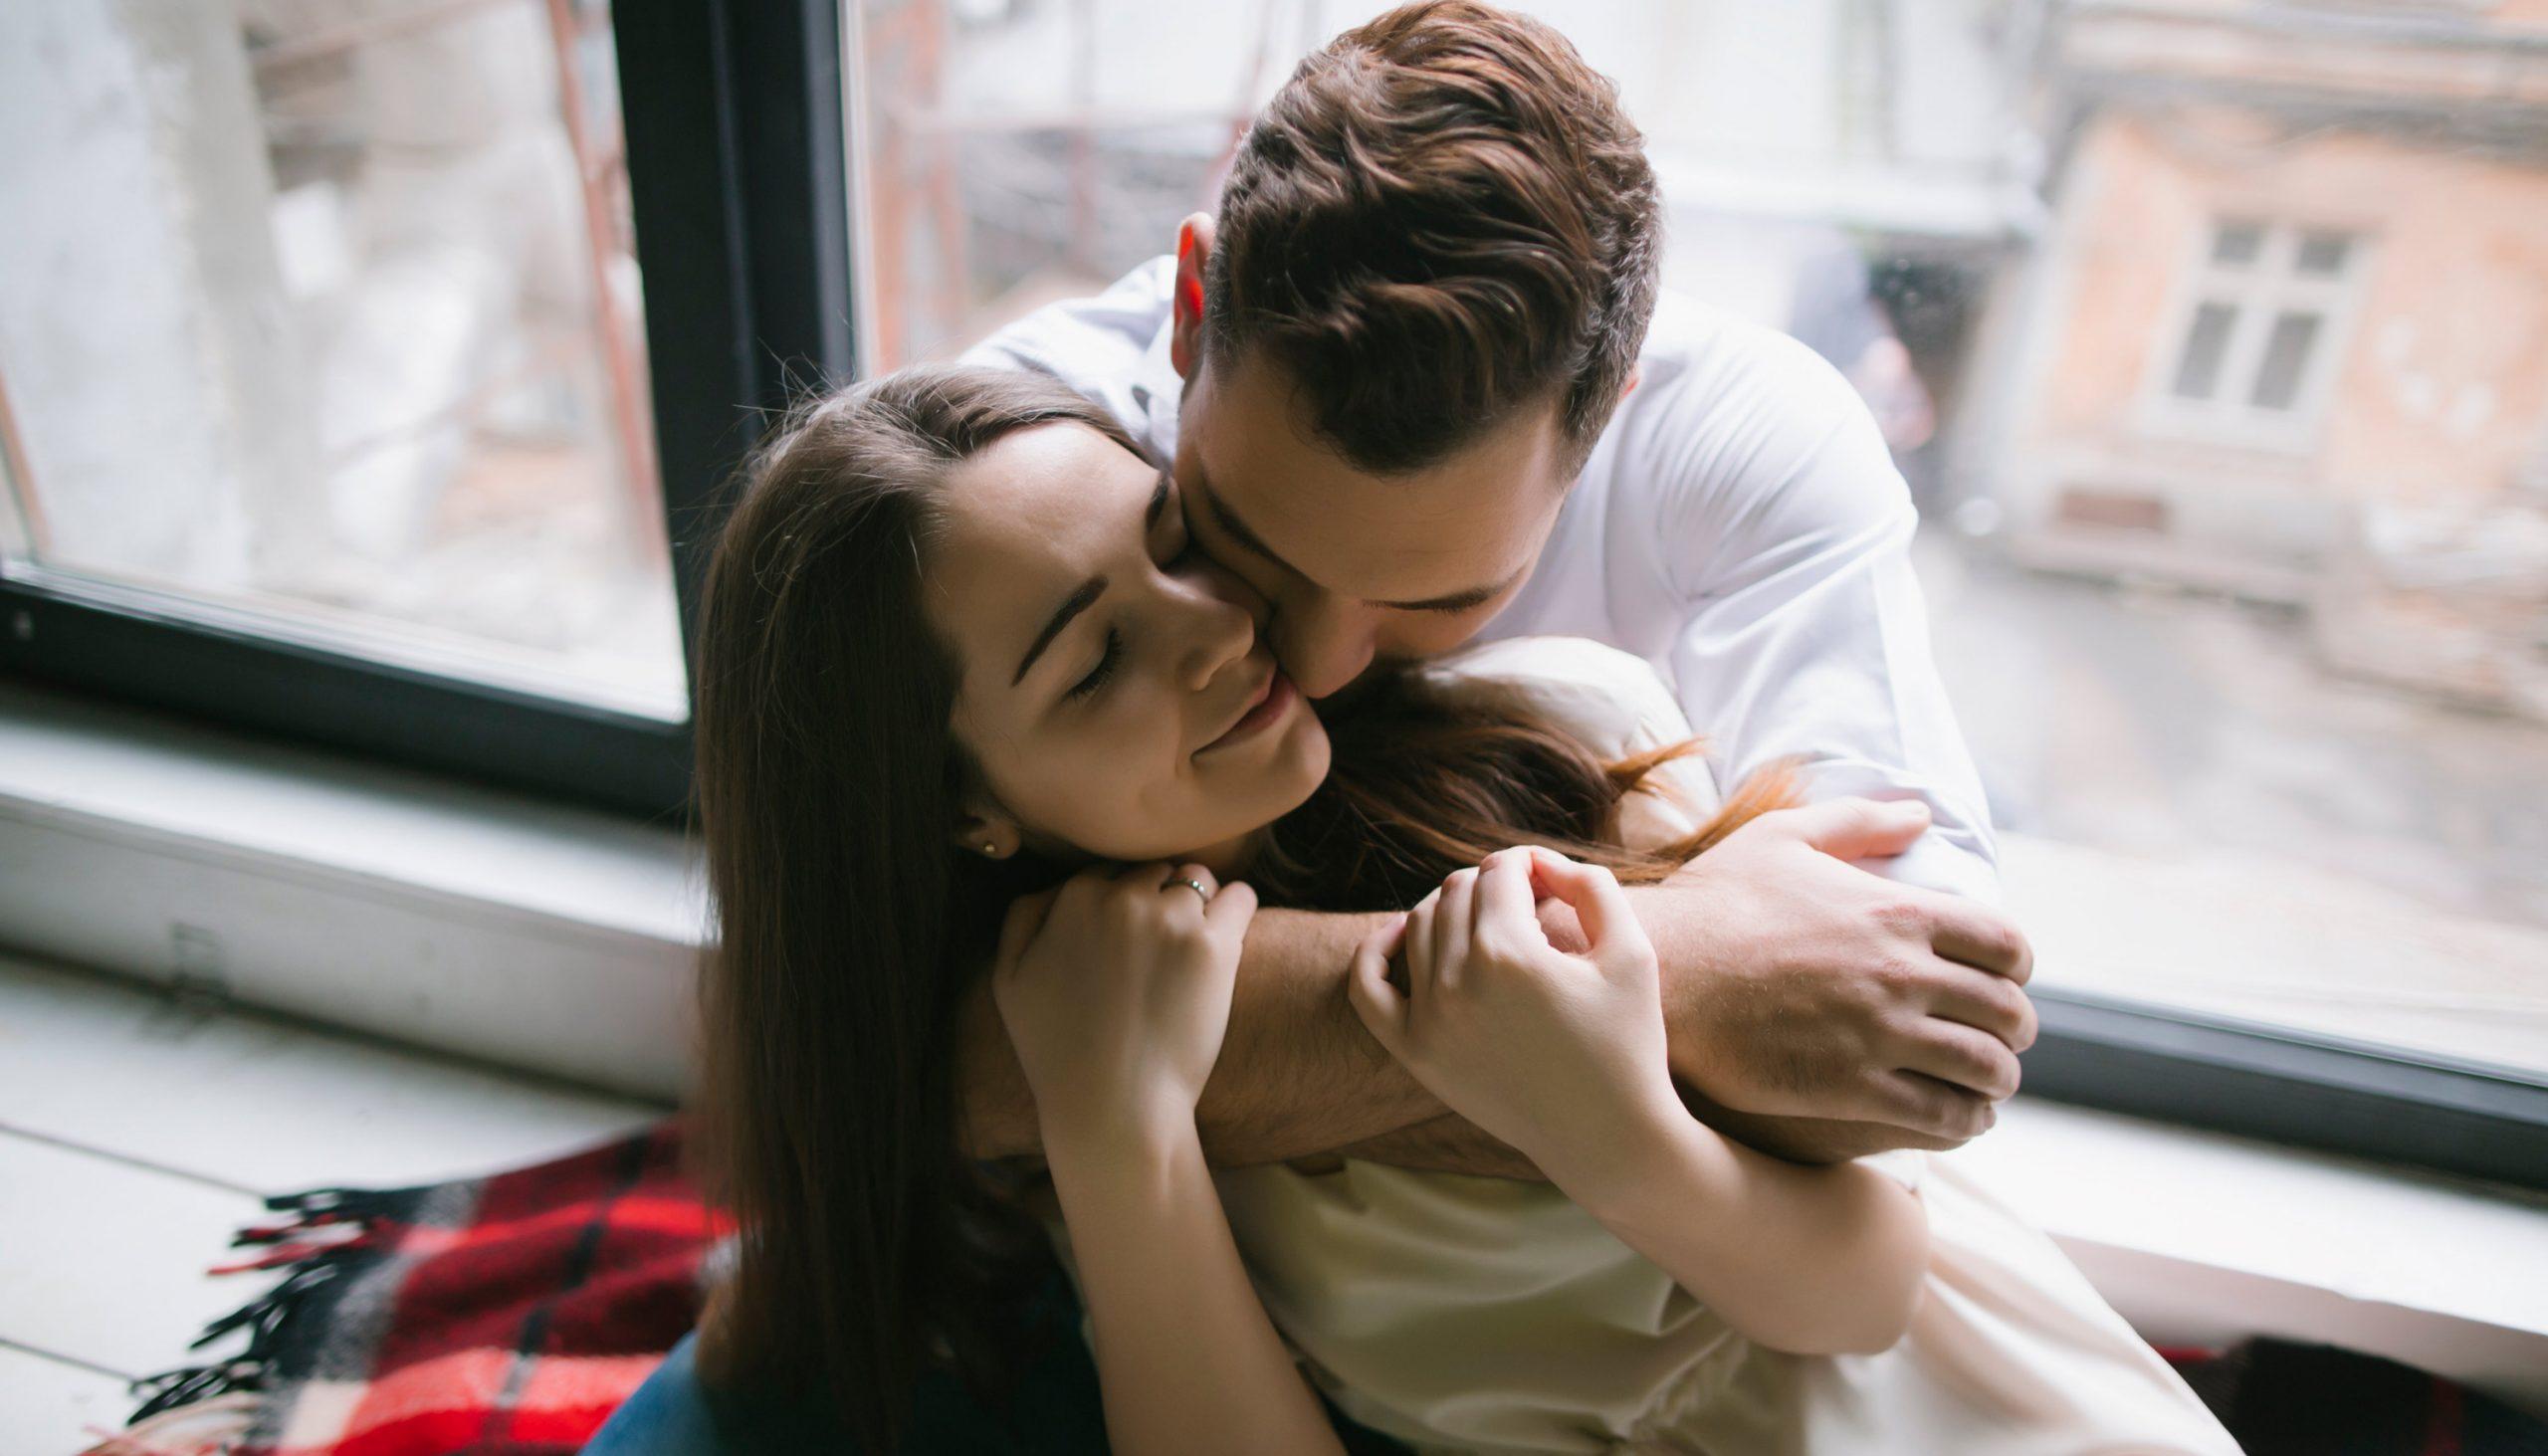 hôn nhân hạnh phúc - Saffron